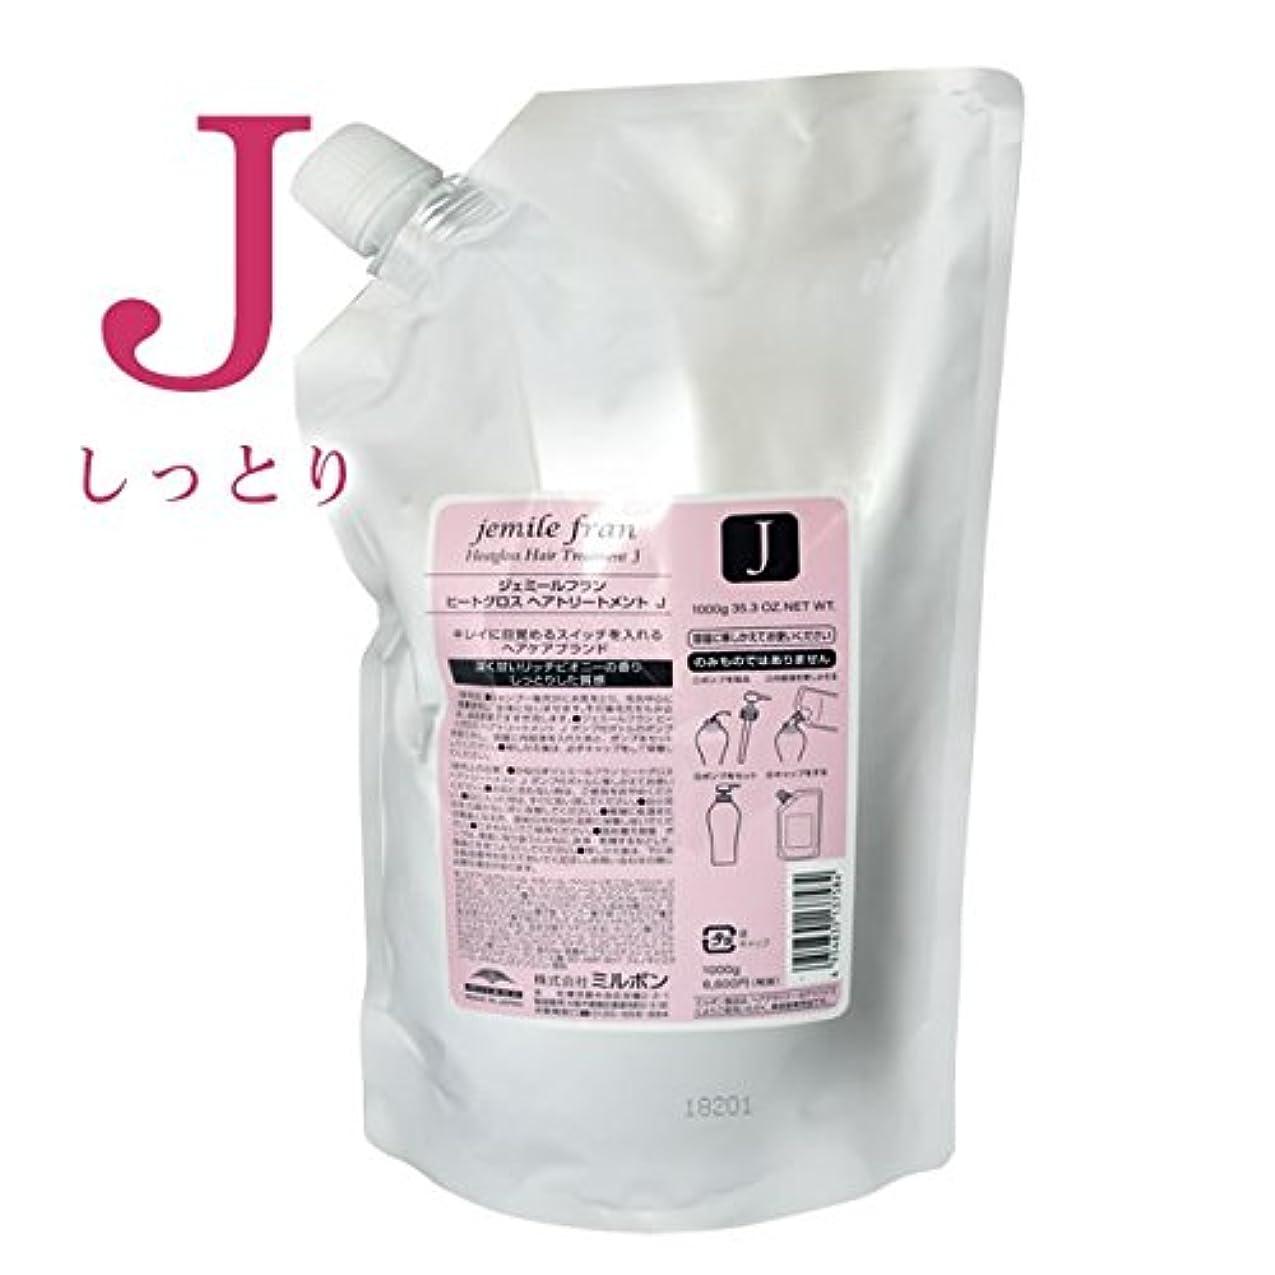 赤ちゃん小石落とし穴ミルボン|ジェミールフラン ヒートグロス トリートメントJ 1000g (詰替用)